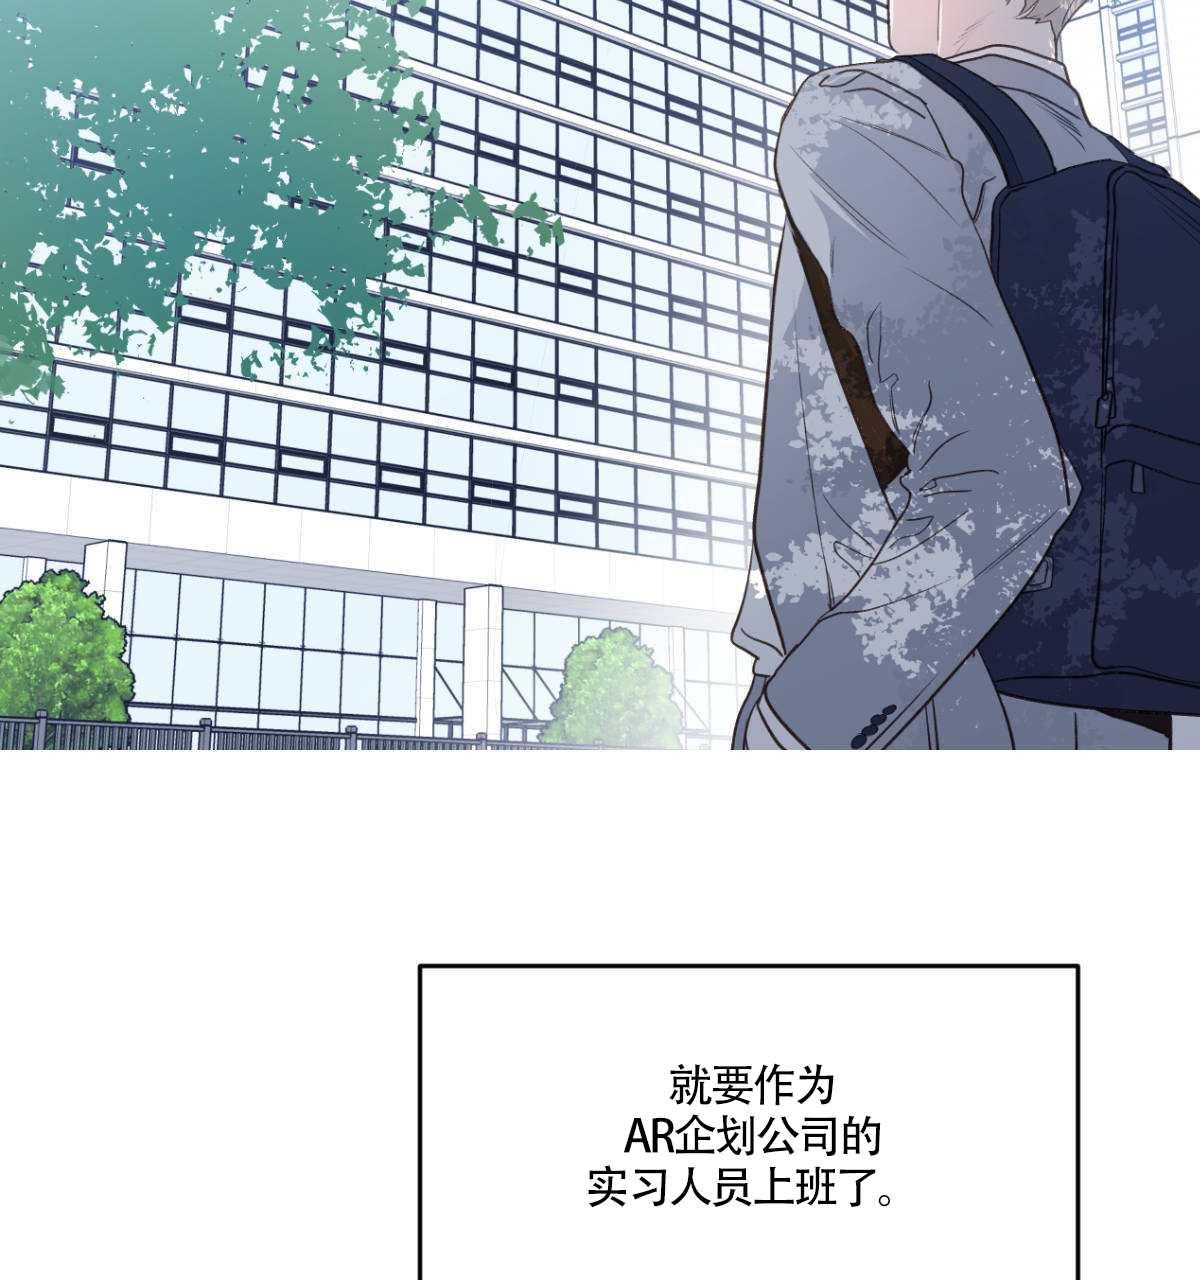 韩漫《新入职员》撩走办公室最可怕的大魔王!  第11张